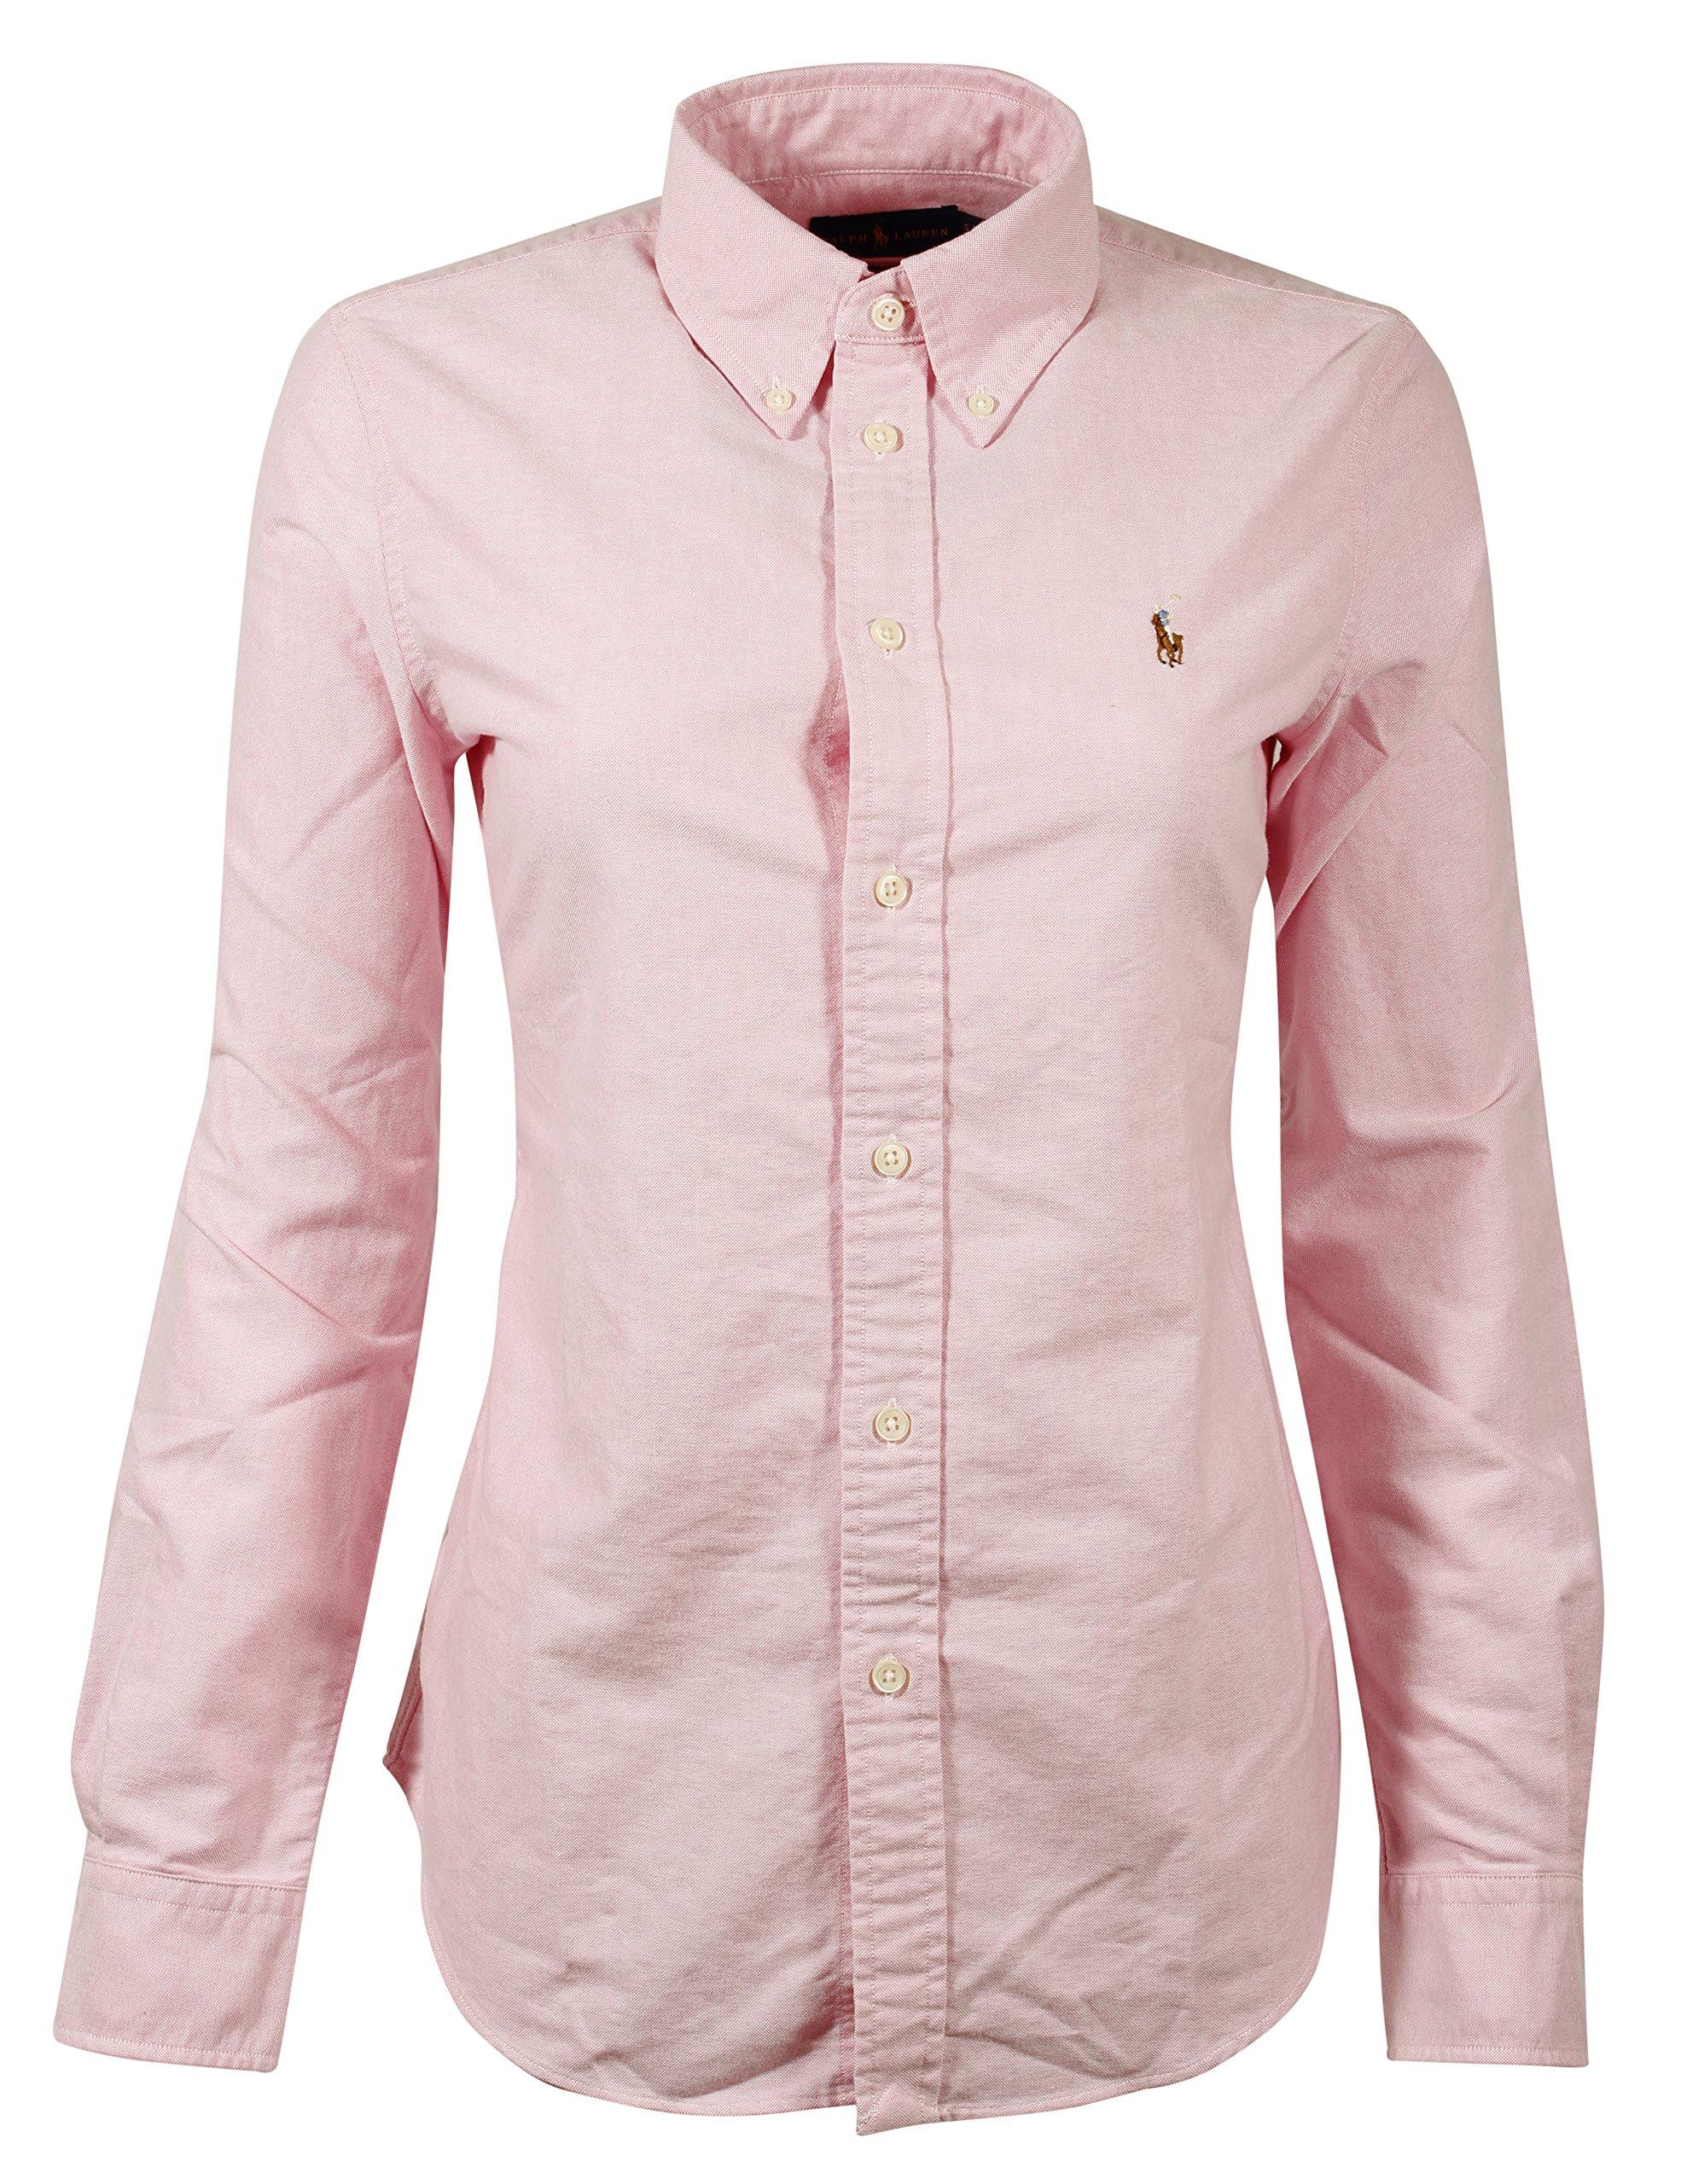 Ralph Lauren Polo Women's Custom Fit Oxford Button Down Shirt (Medium, New Rose)